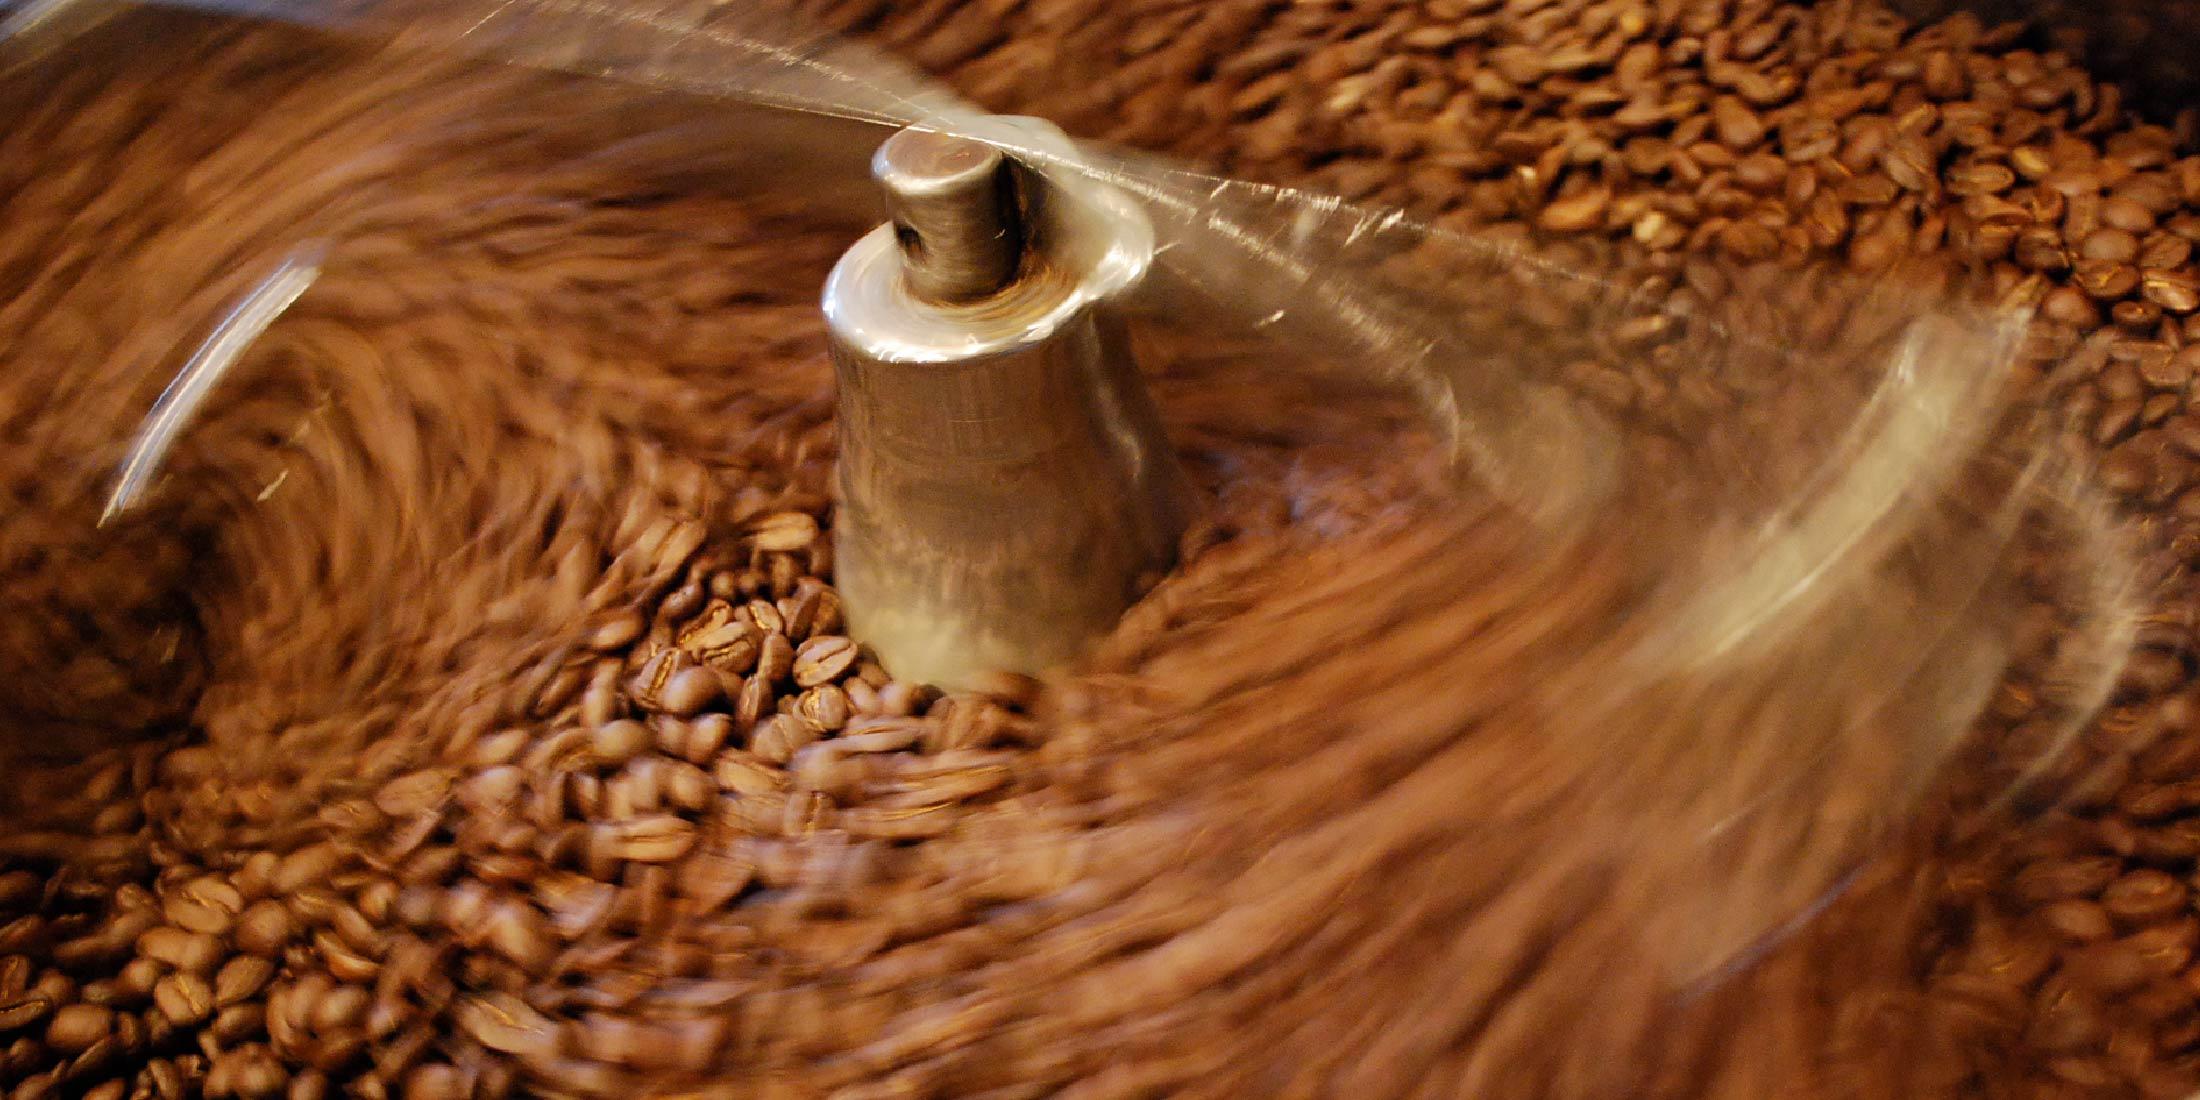 スペシャルティコーヒーギフト